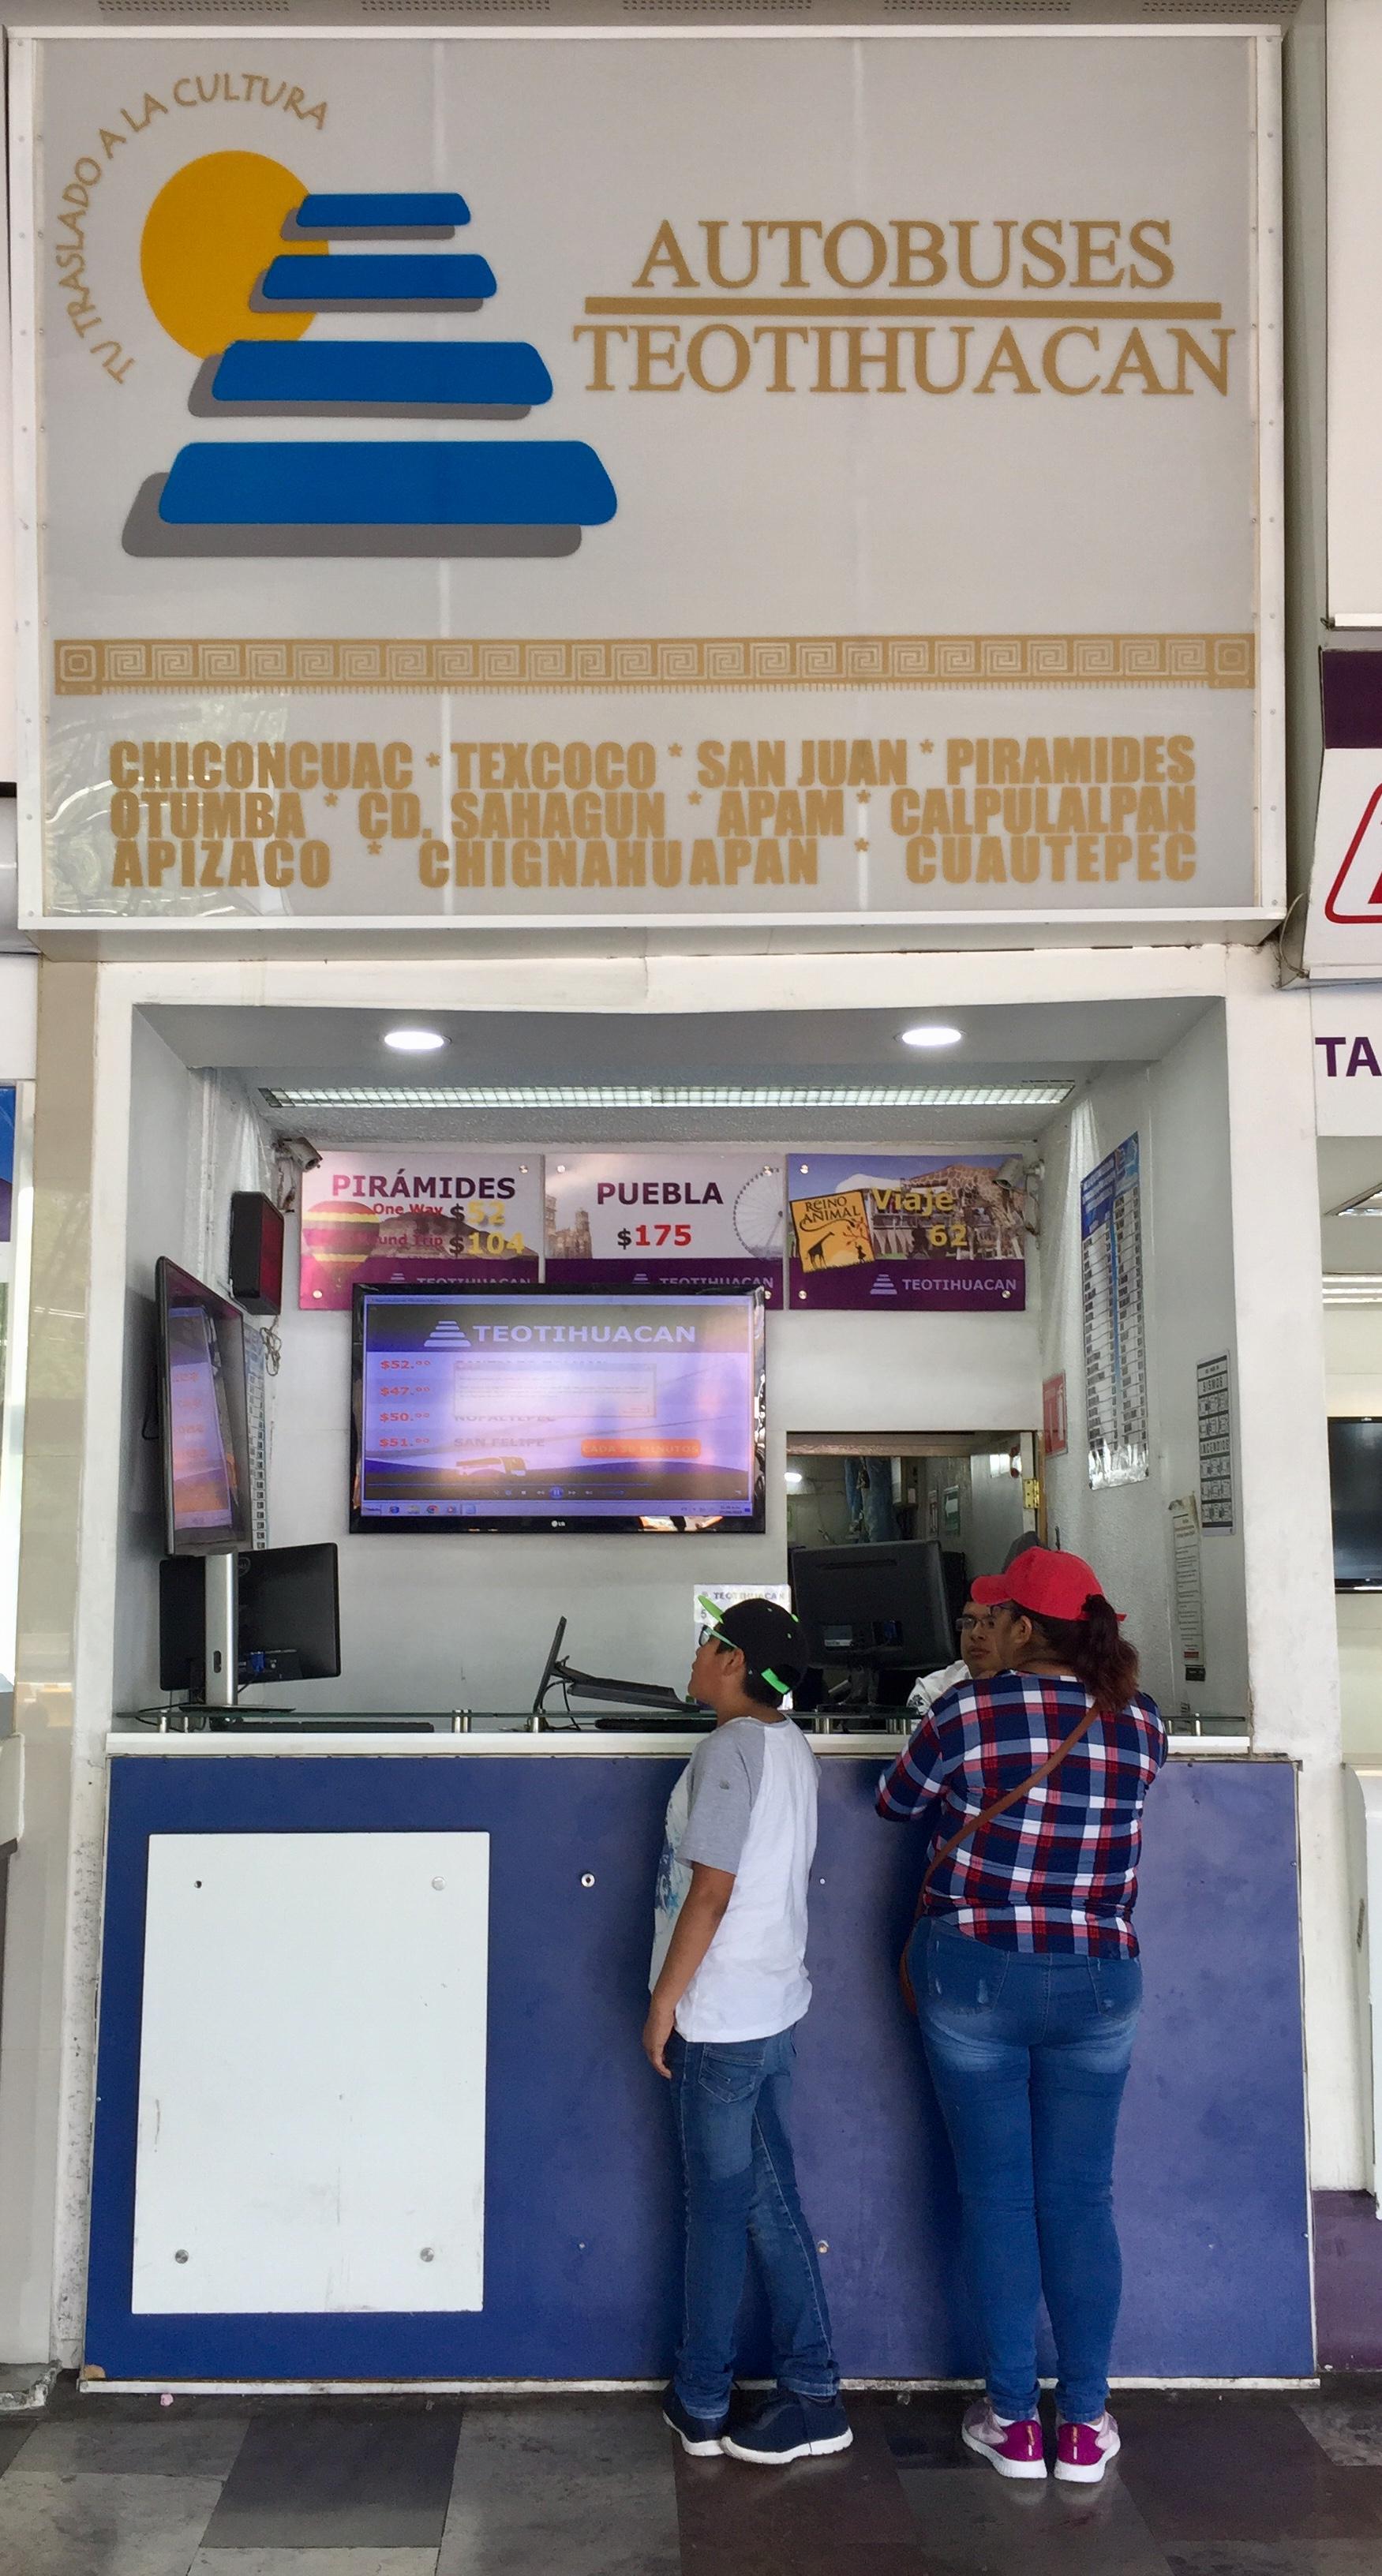 Il banco dove acquistare i biglietti della navetta per Teotihuacan